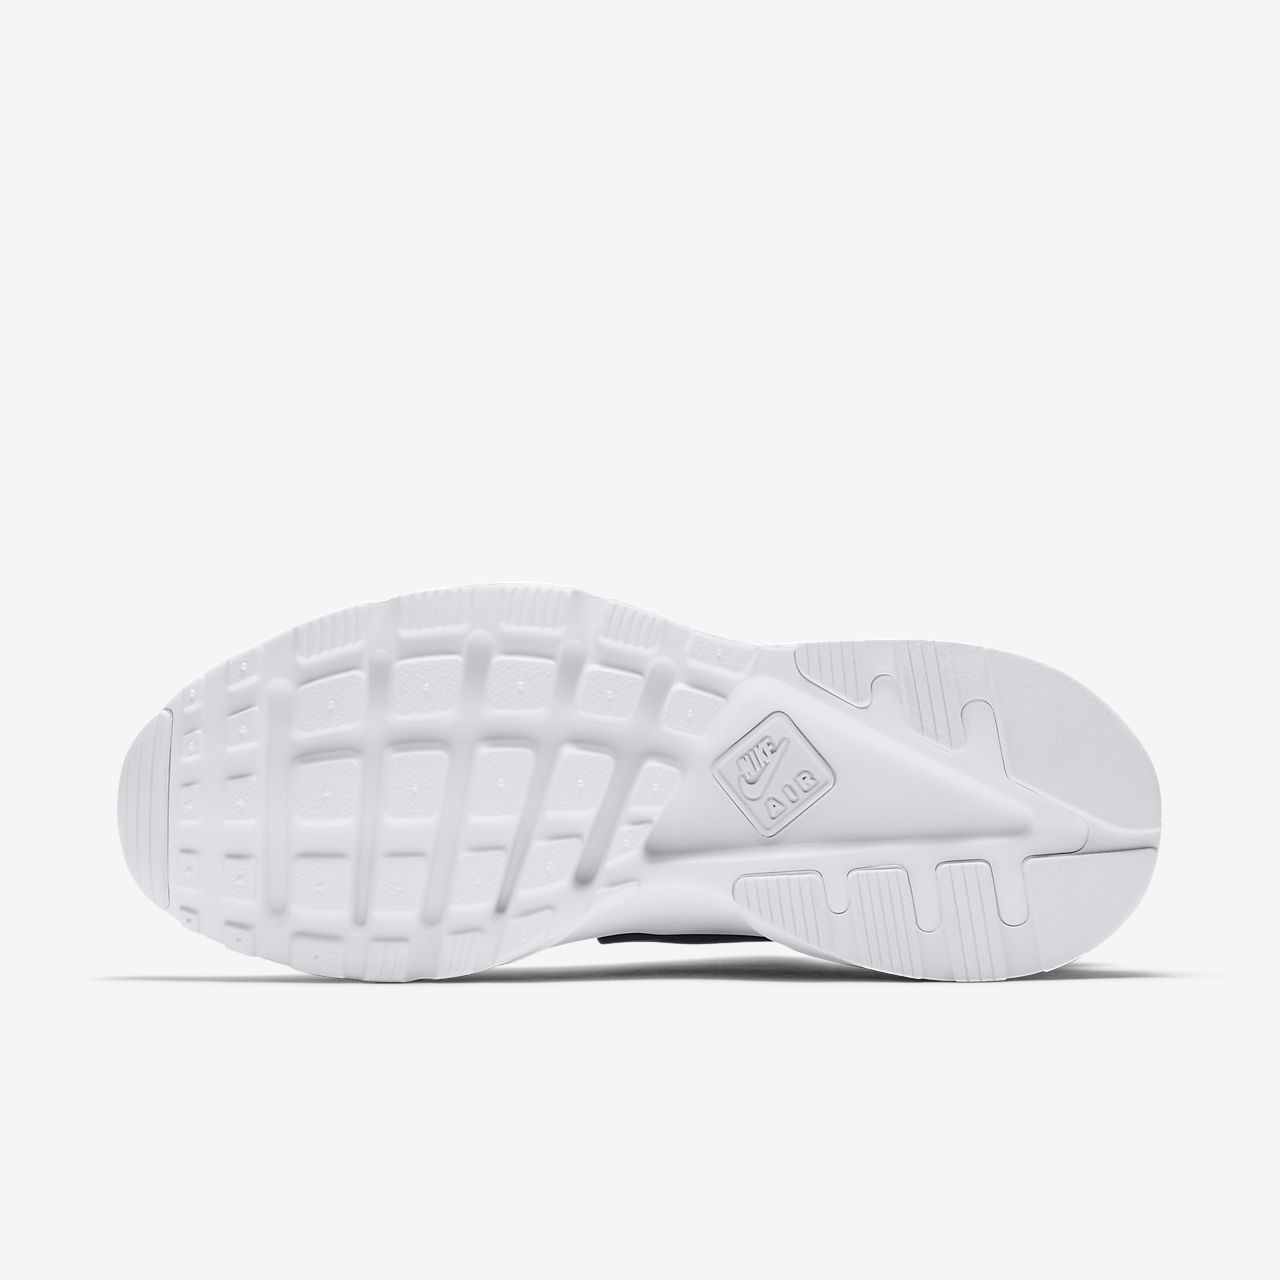 5cade0d141b86 Chaussure Nike Air Huarache Ultra pour Homme. Nike.com FR